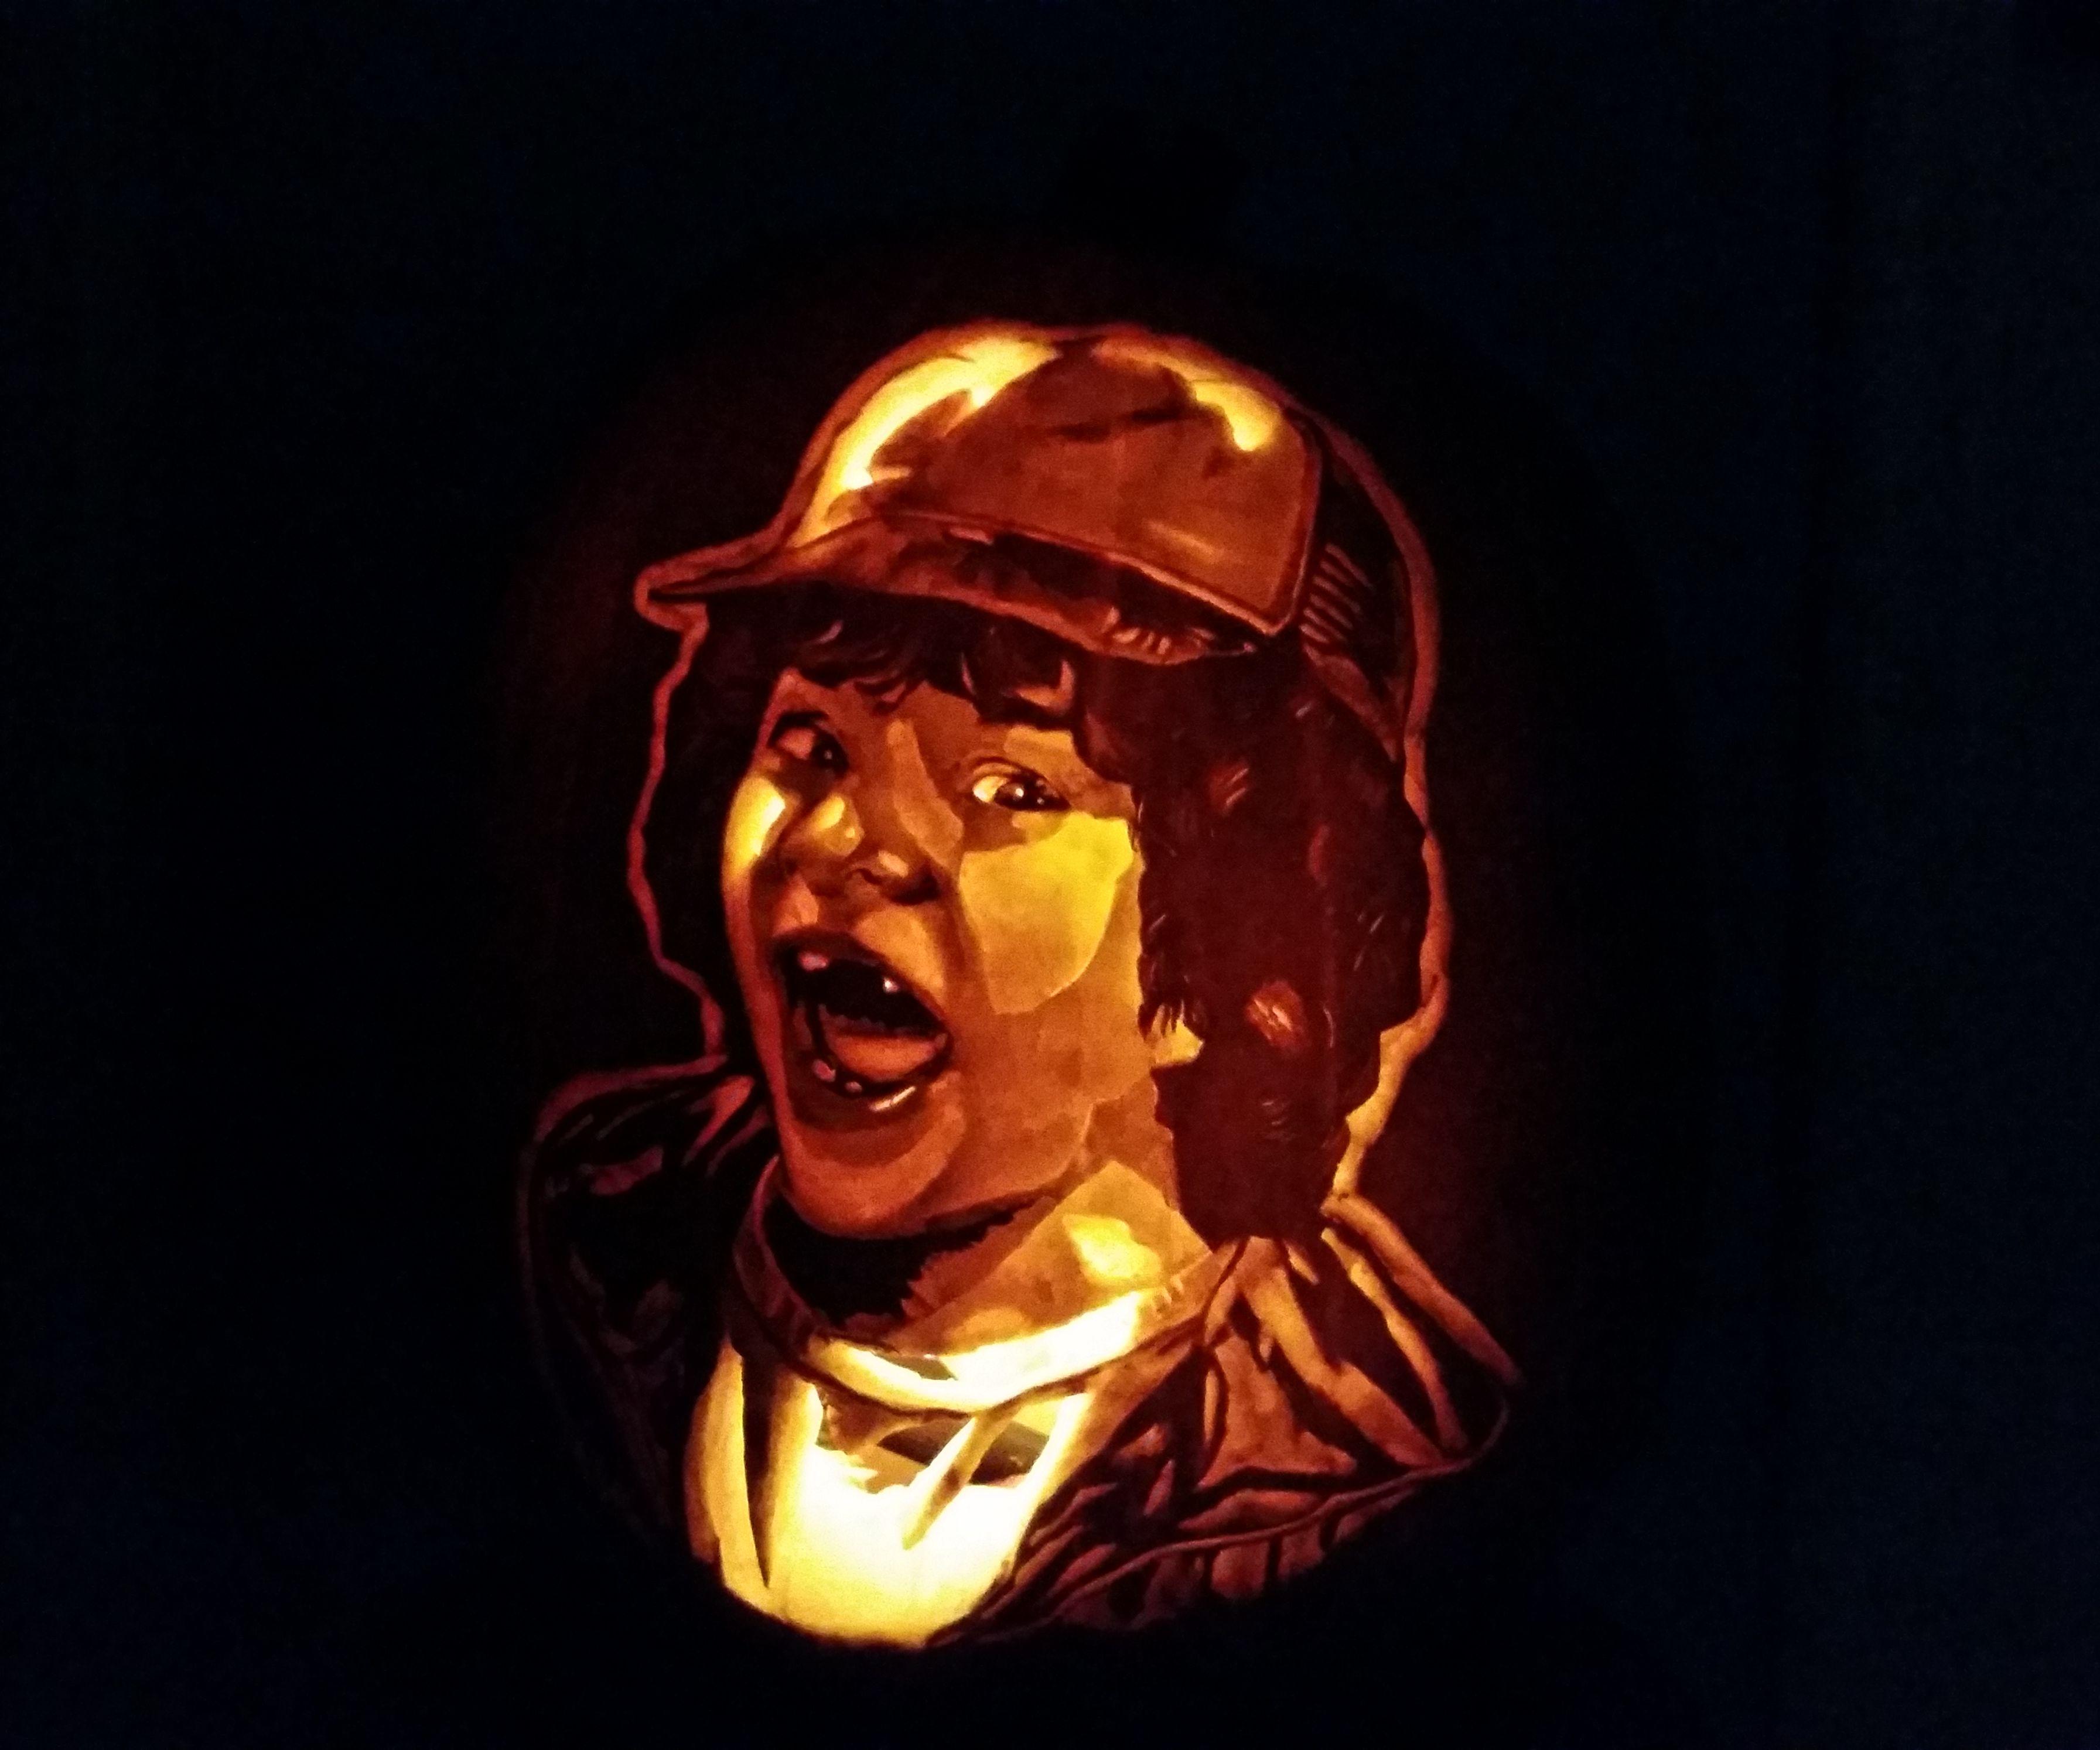 How to Carve a Photo Onto a Pumpkin